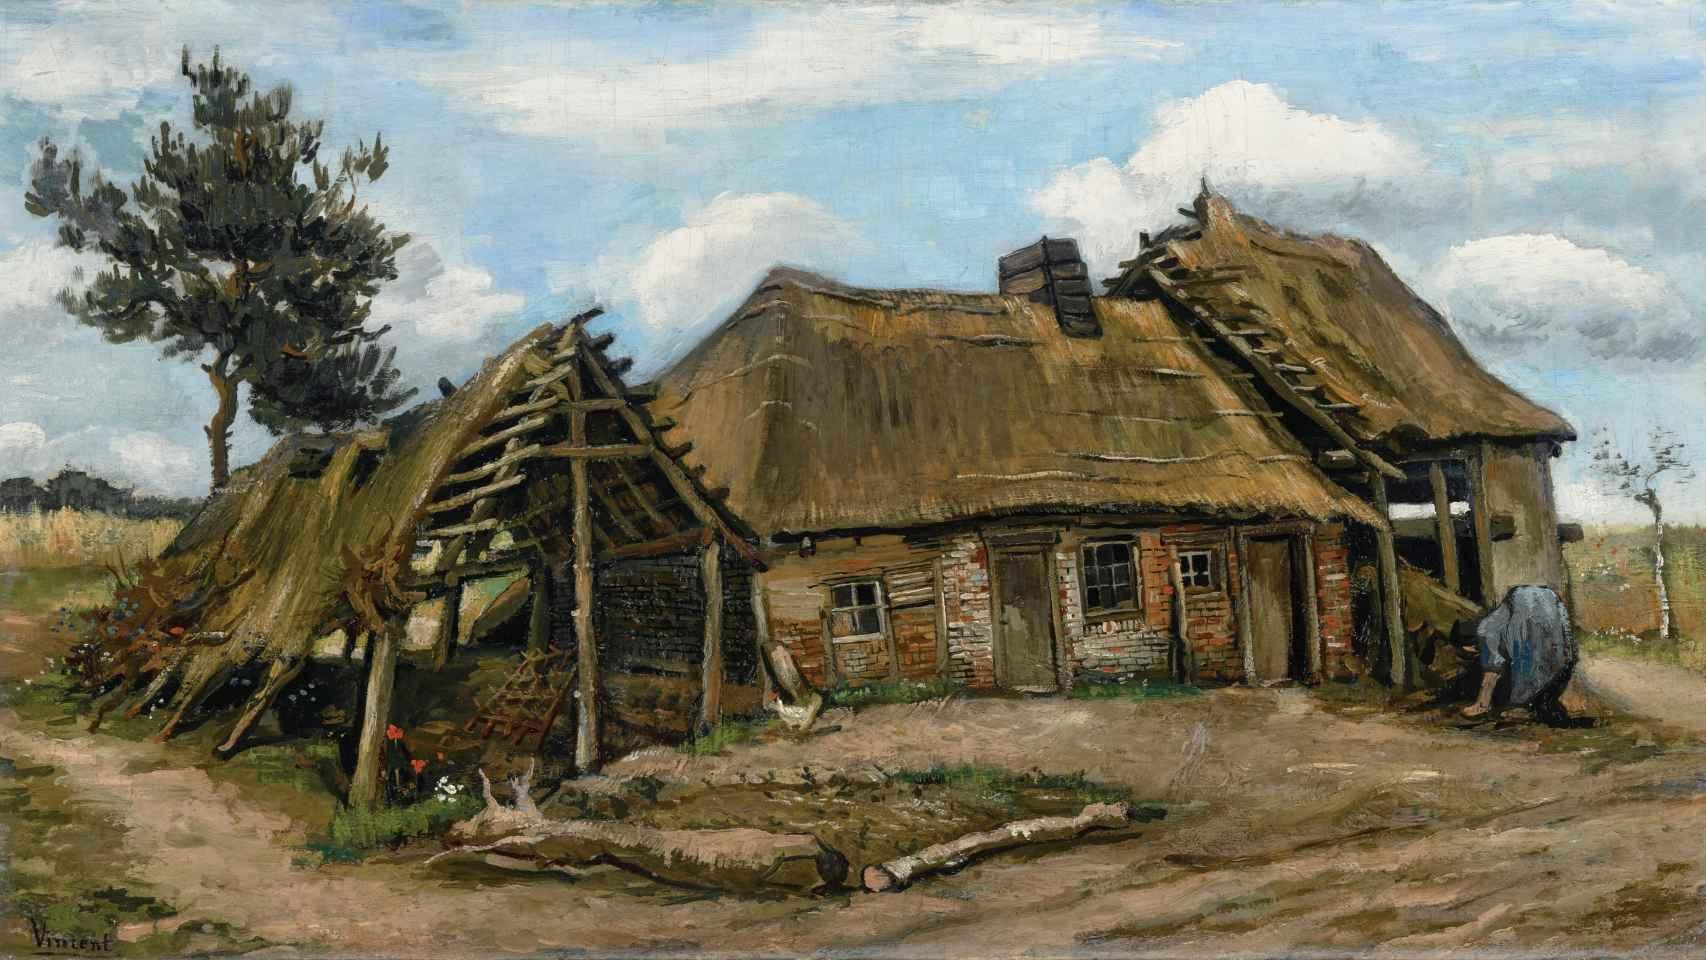 Mujer campesina frente a una cabaña', de Van Gogh.